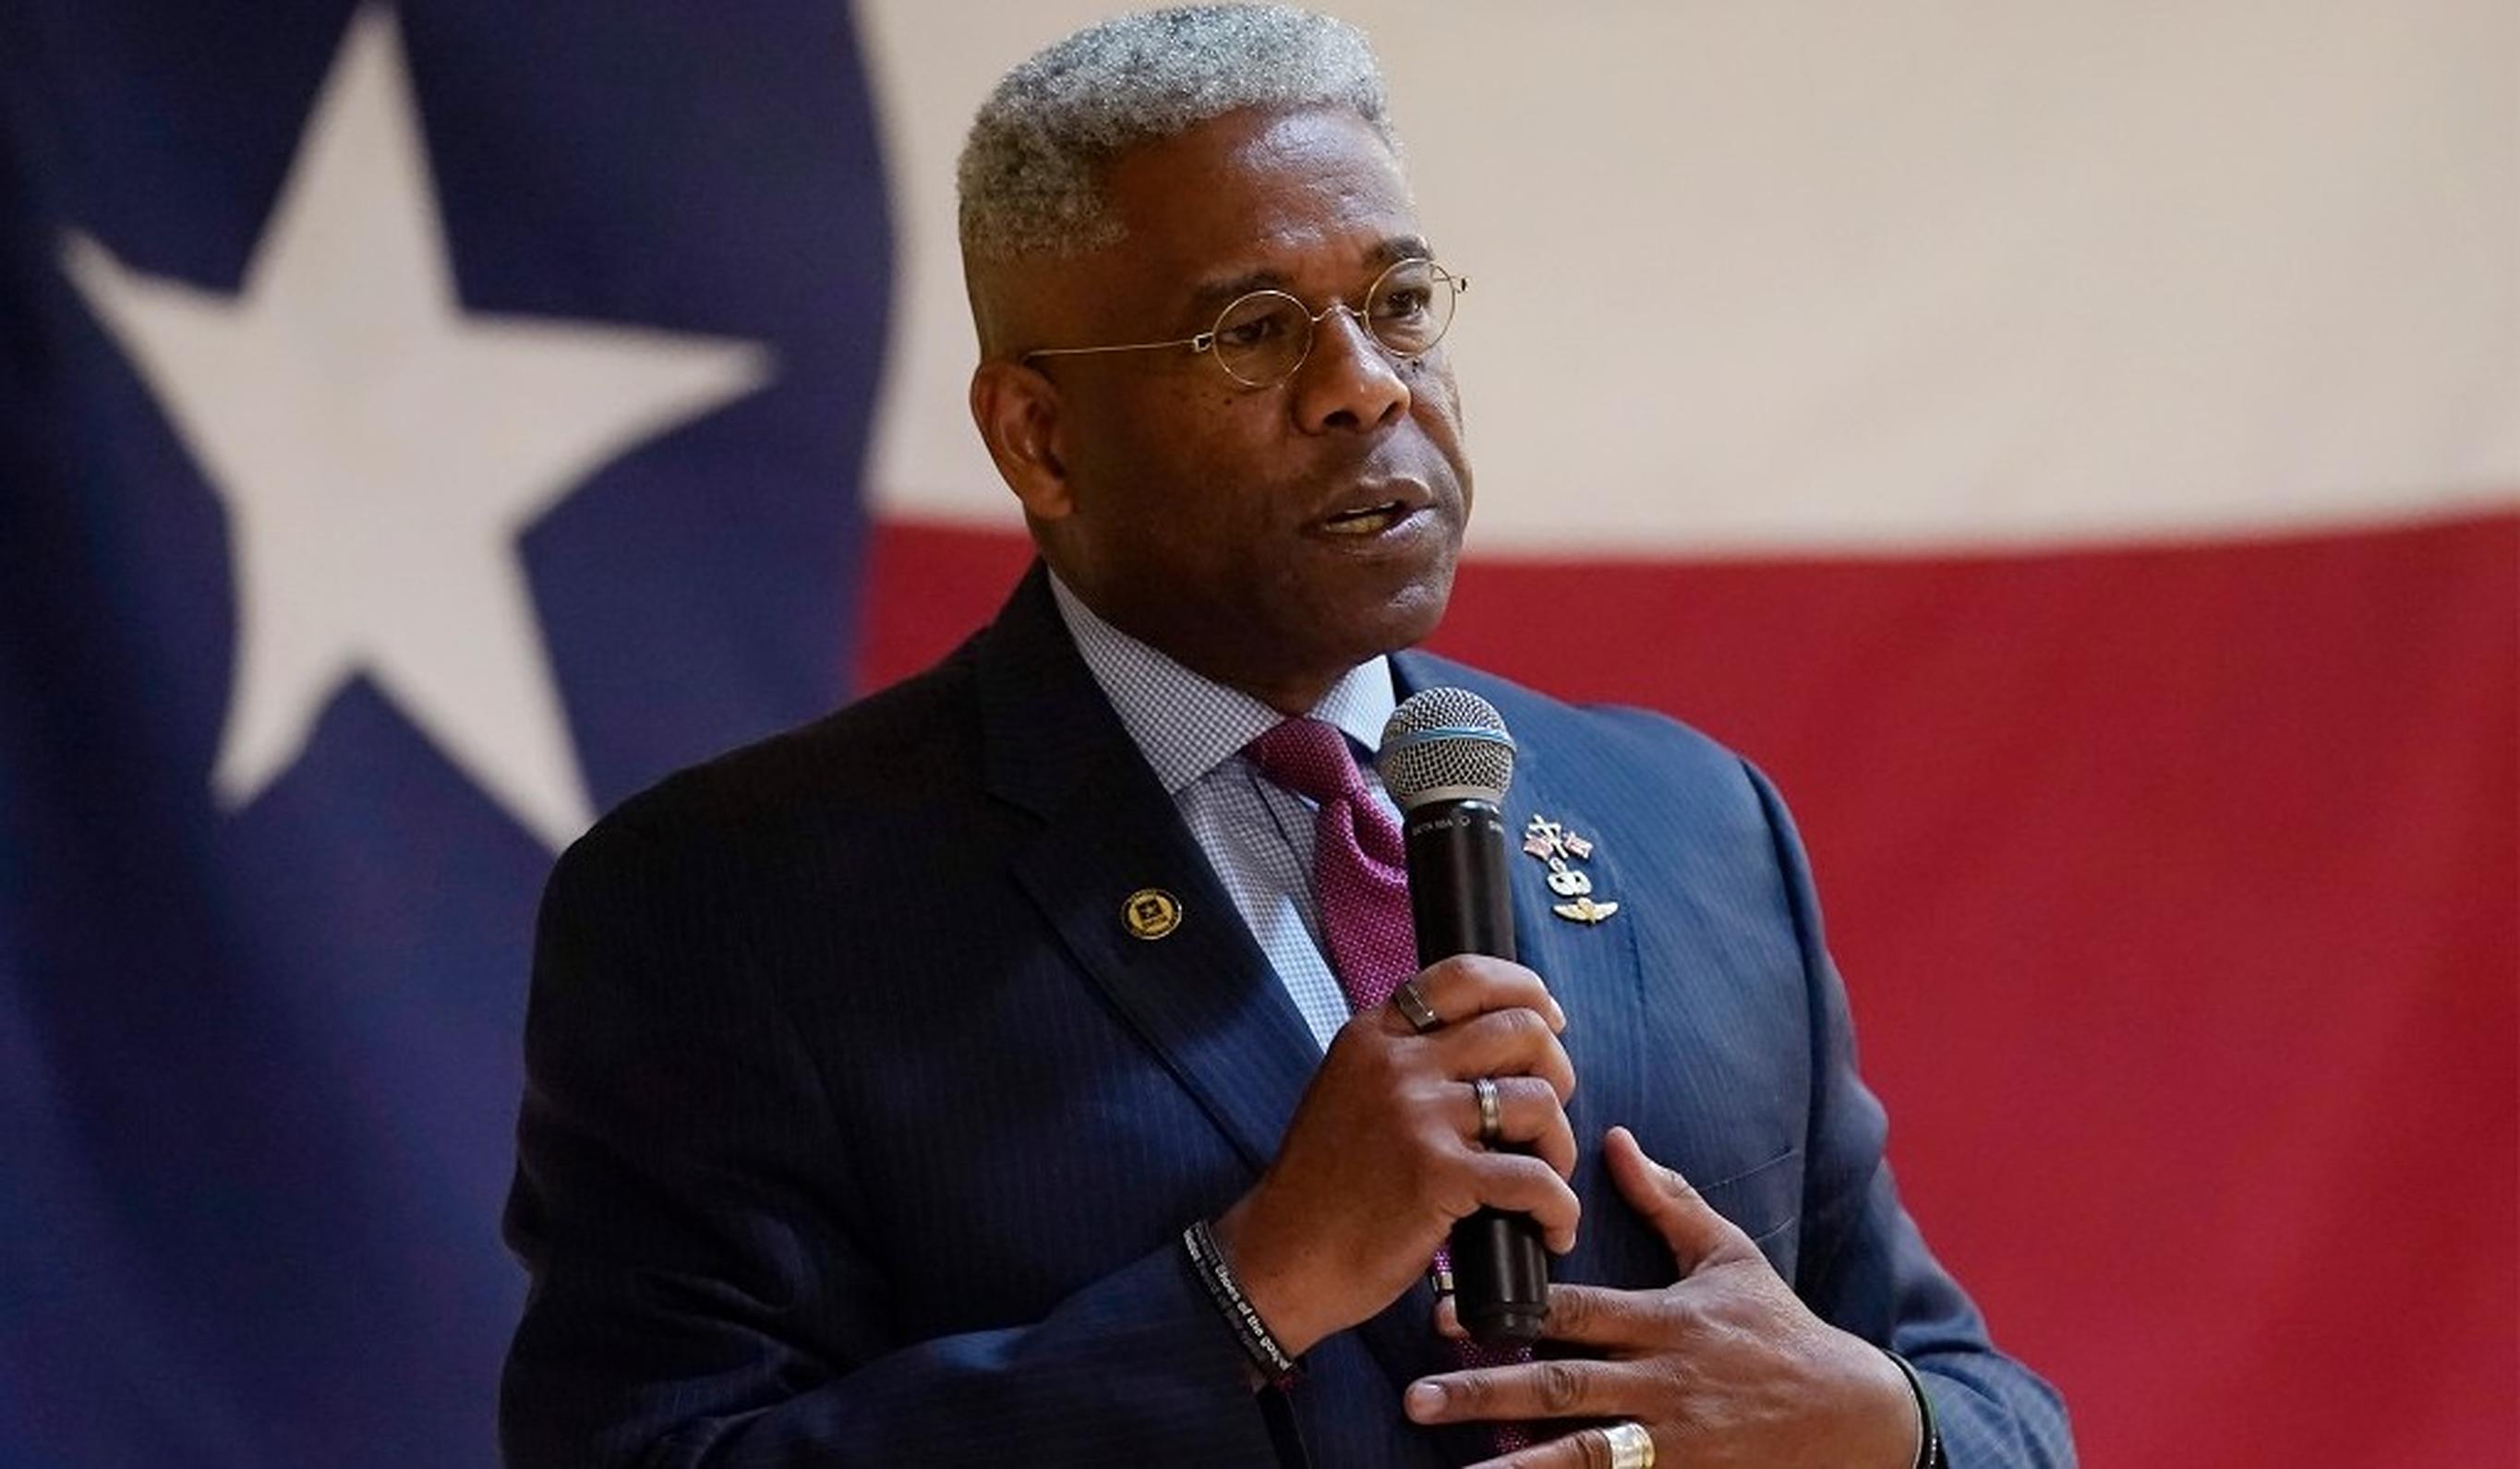 Allen West, posibil viitor guvernator al Texasului, se laudă pe internet că se tratează de Covid cu ivermectină și hidroxiclorochină